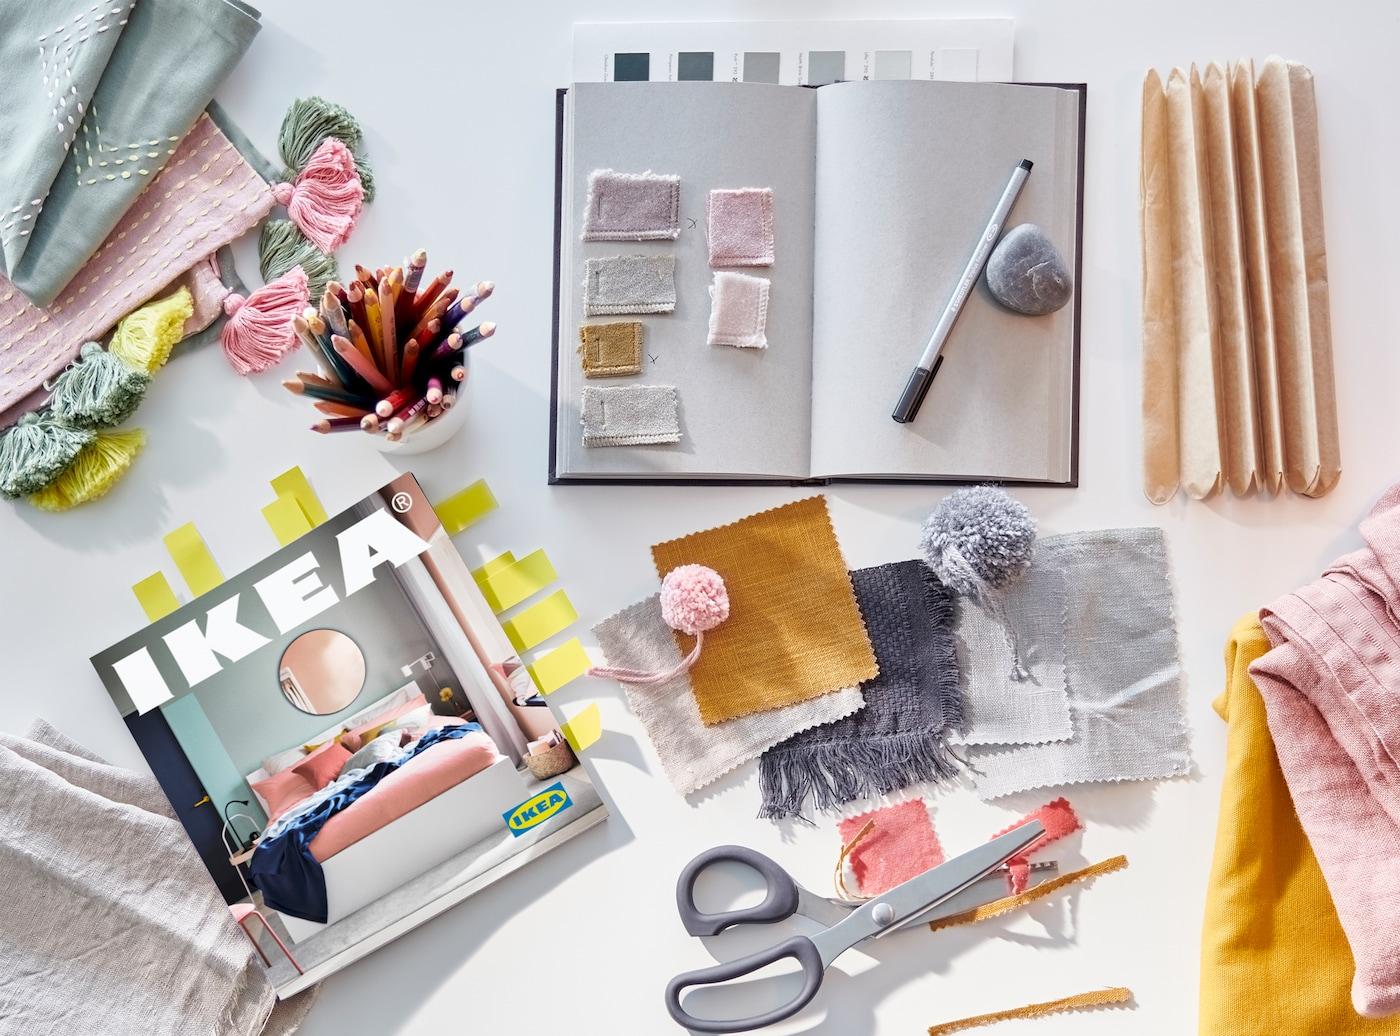 Un cuaderno, un bolígrafo, tijeras y trozos de tela de color rosa, gris, amarillo, mostaza y verde junto a un Catálogo IKEA 2021.